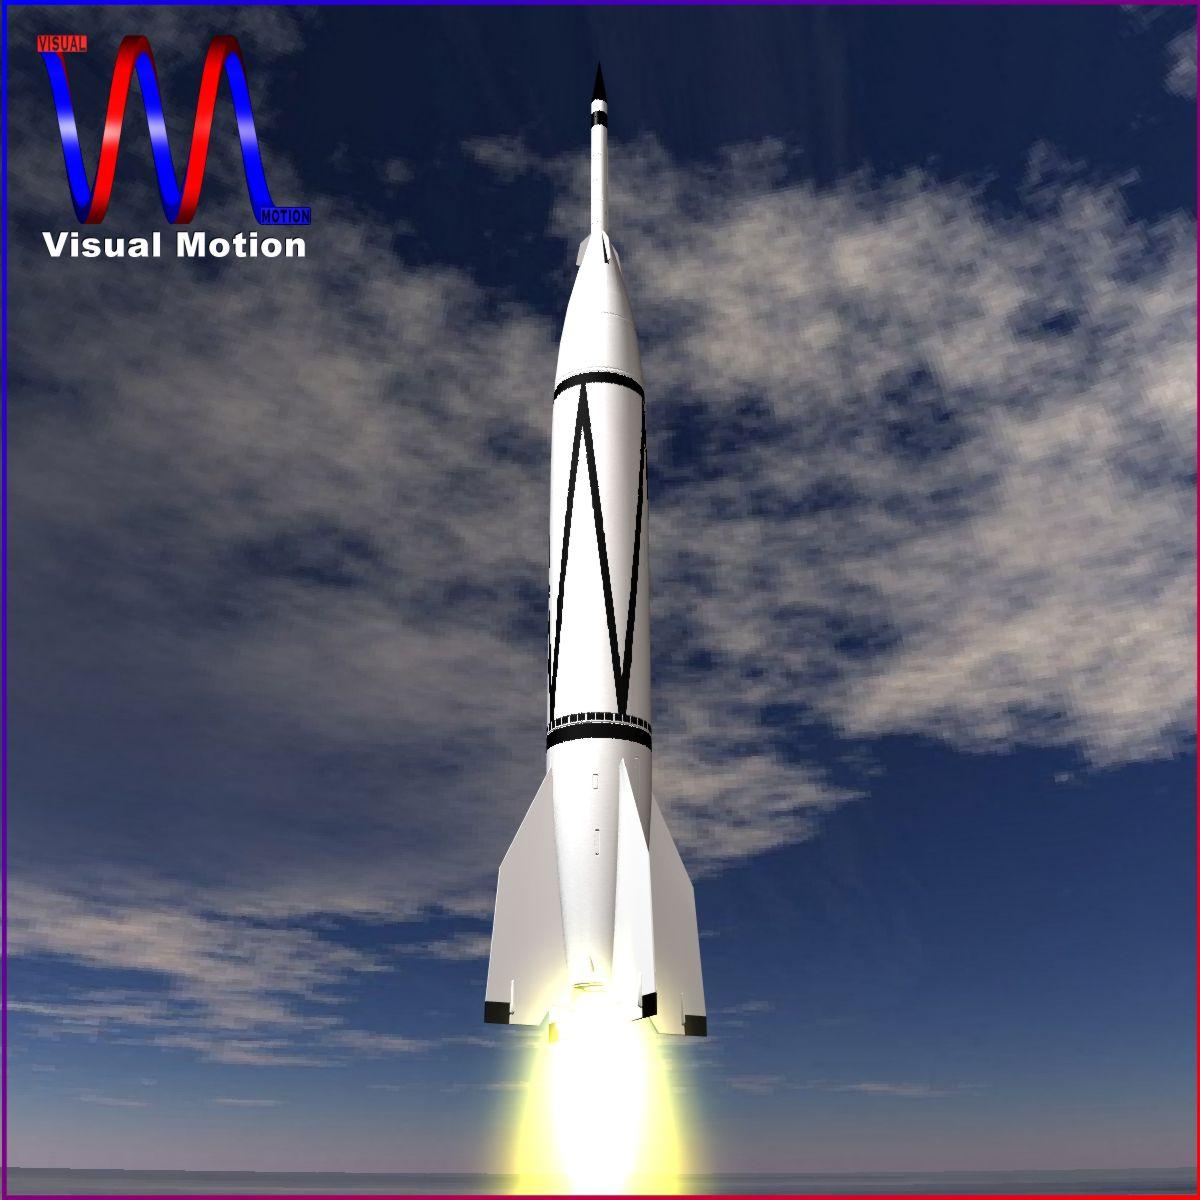 Bumper WAC - Two Stage Sounding Rocket 3d model 3ds dxf cob X obj 162842